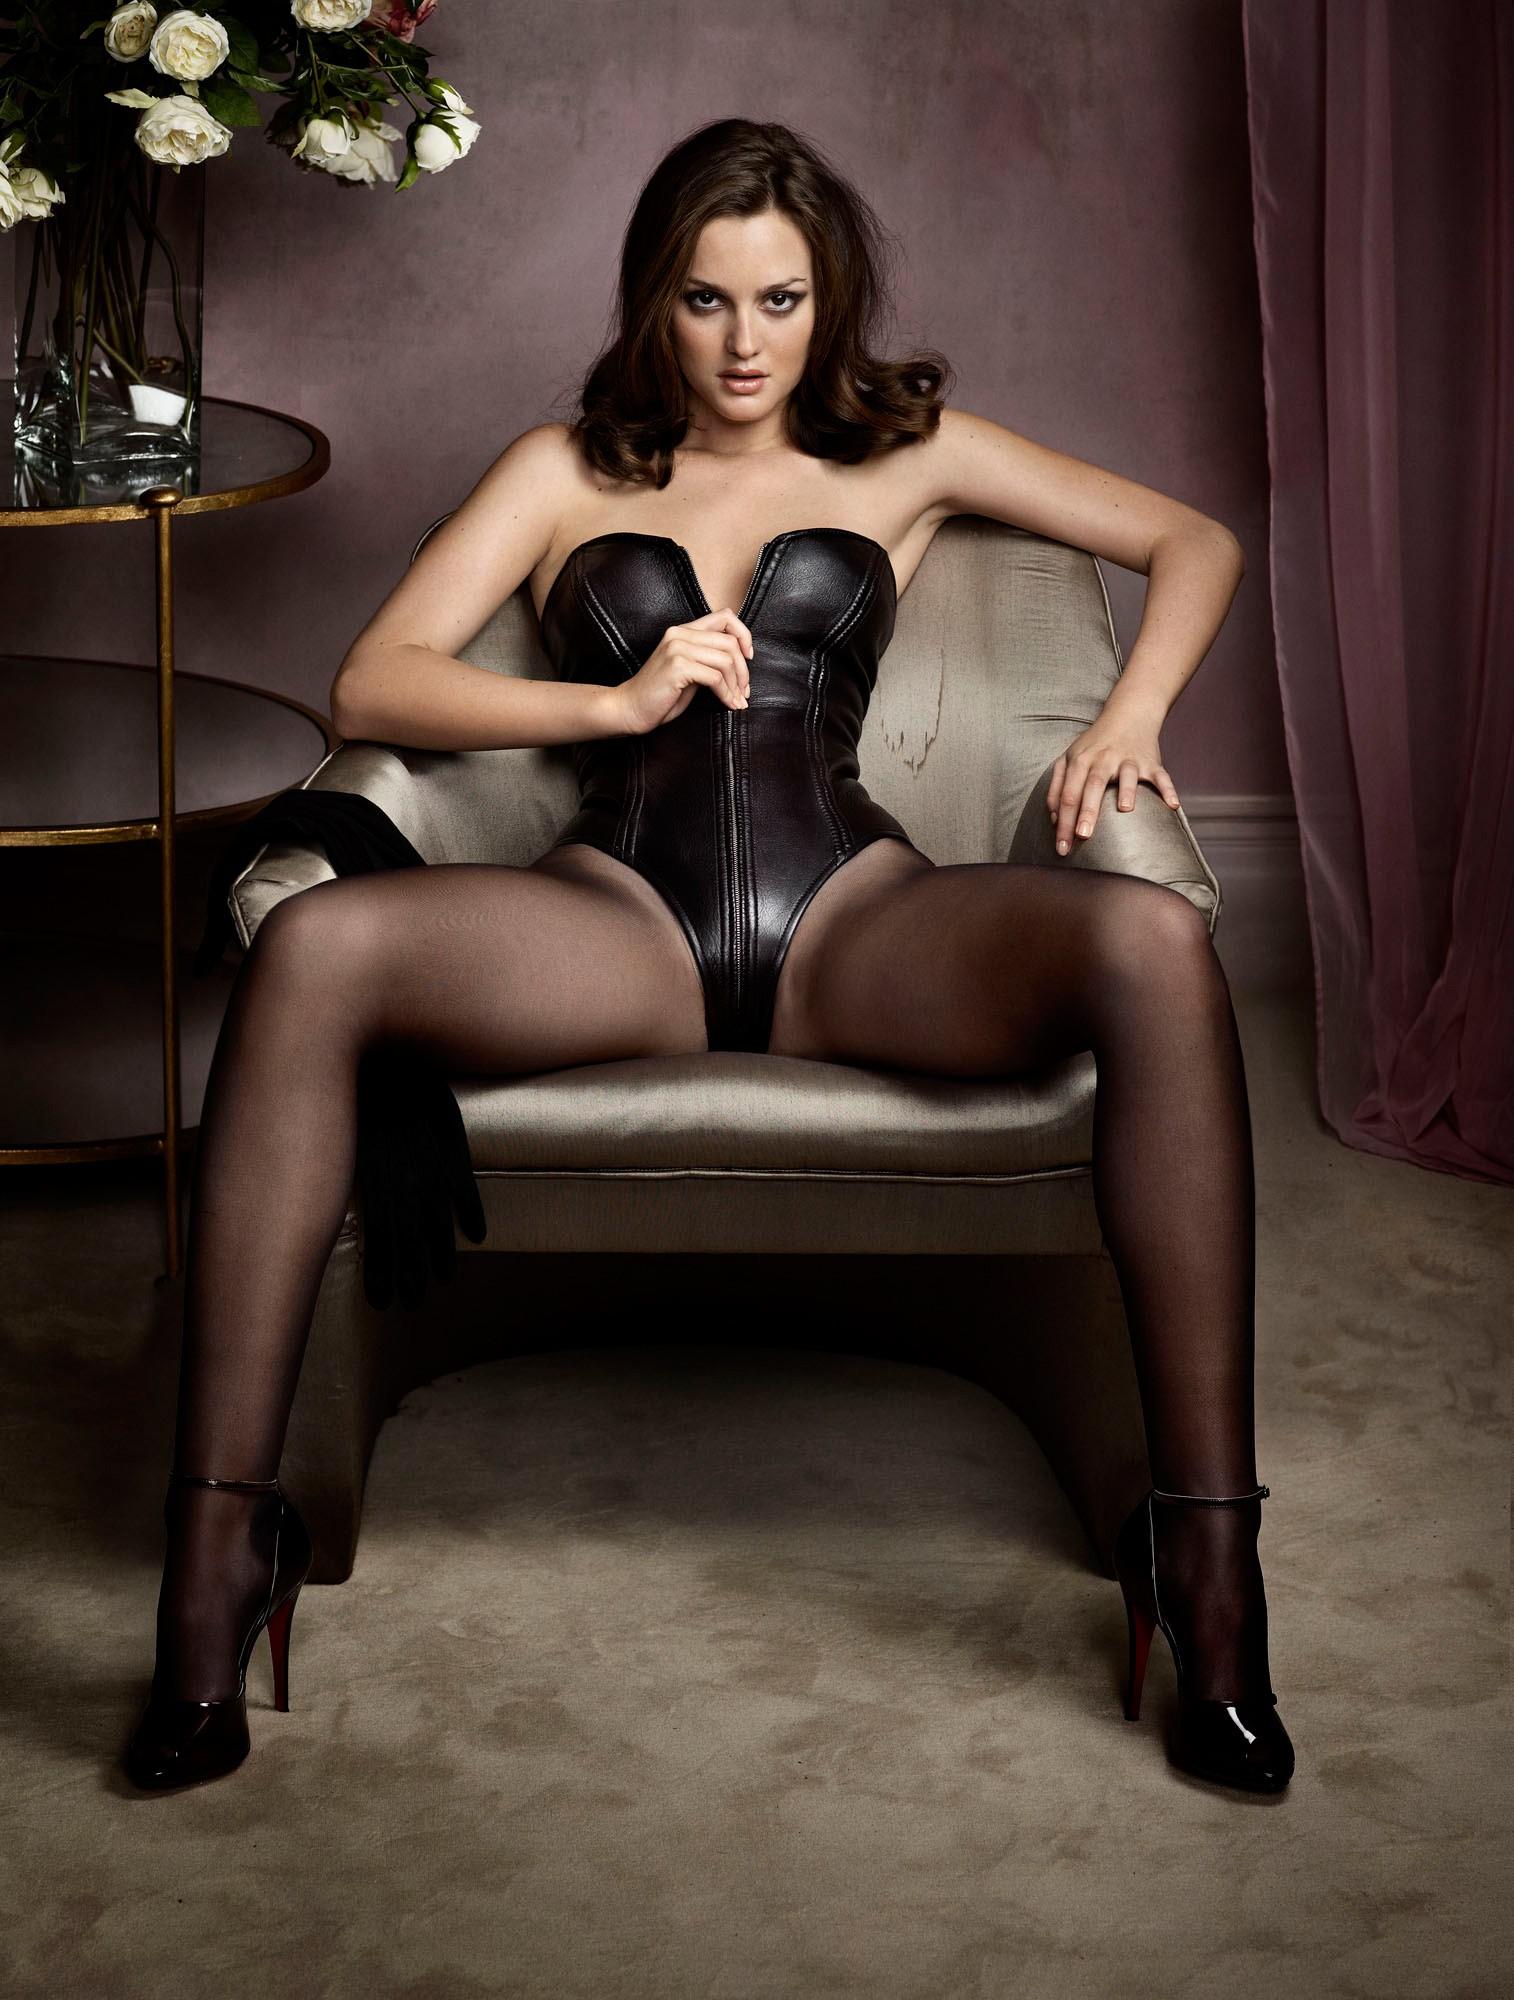 Natalie Portman Fakes